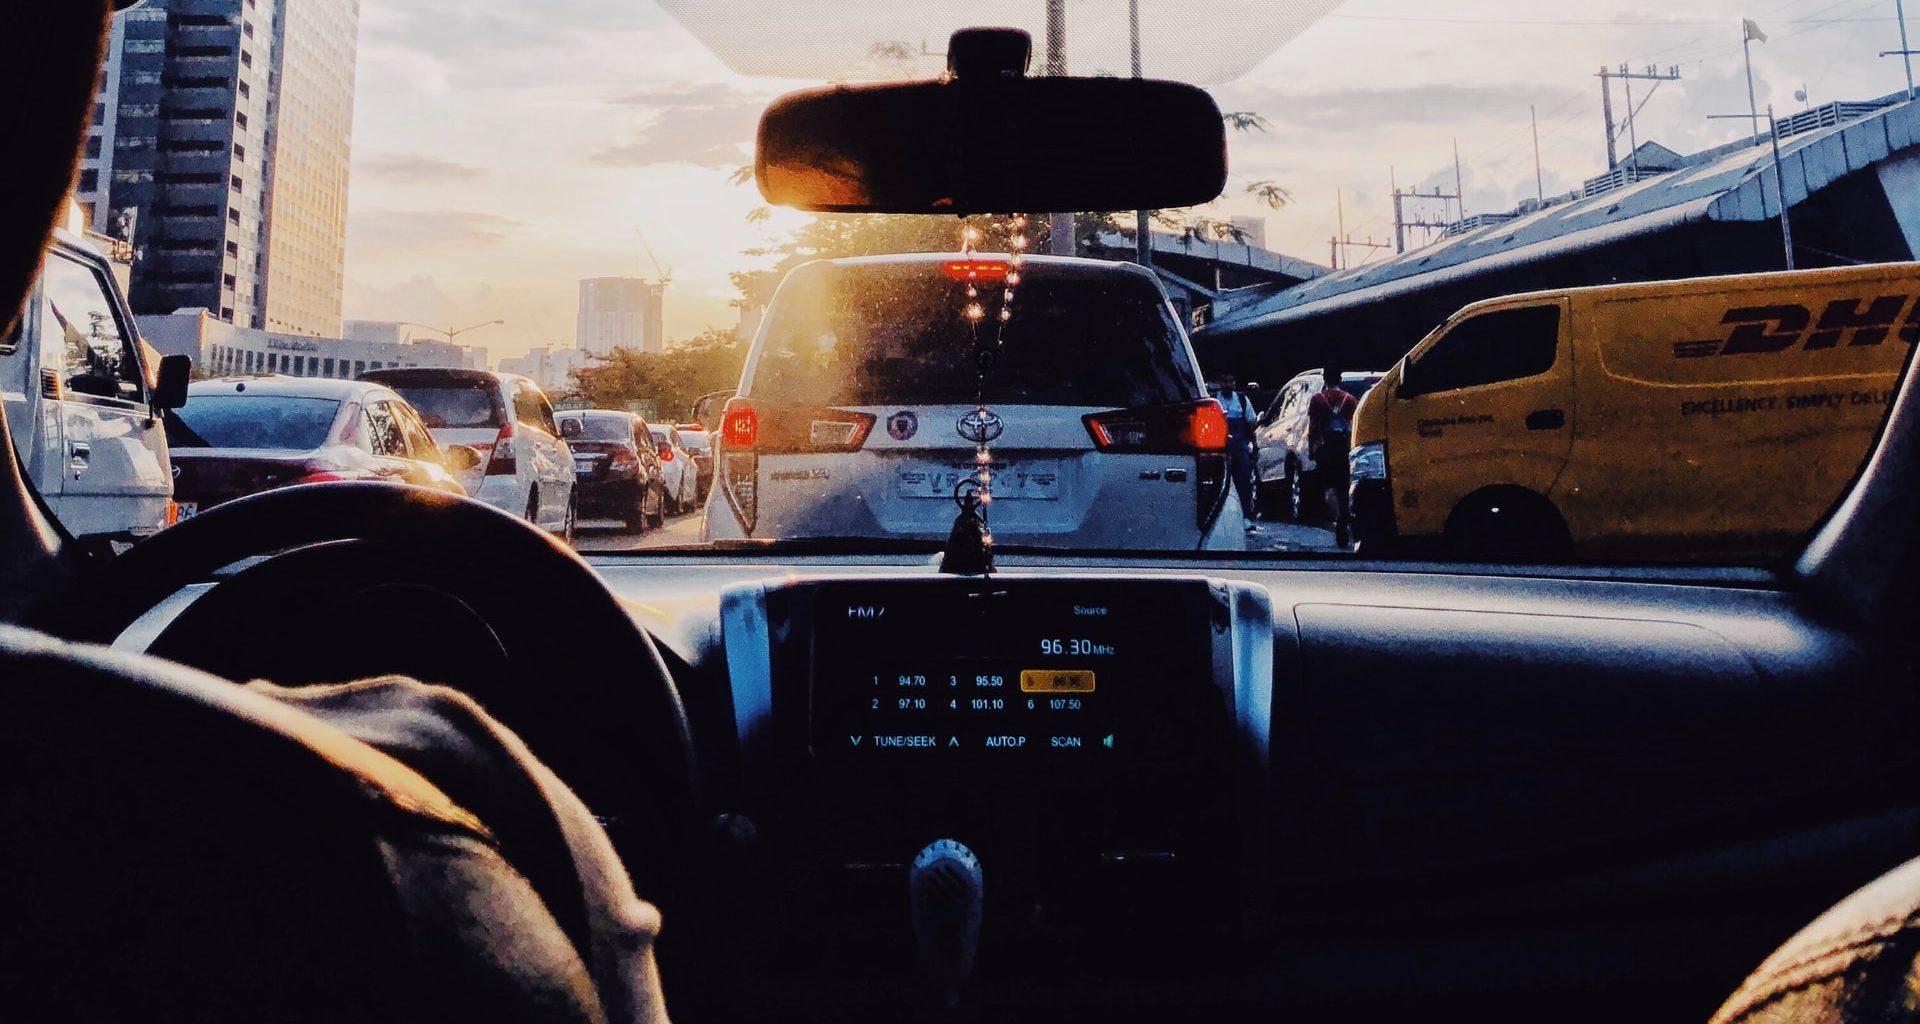 Elektro-Roller oder Auto: Wer ist der Pendlerkönig?